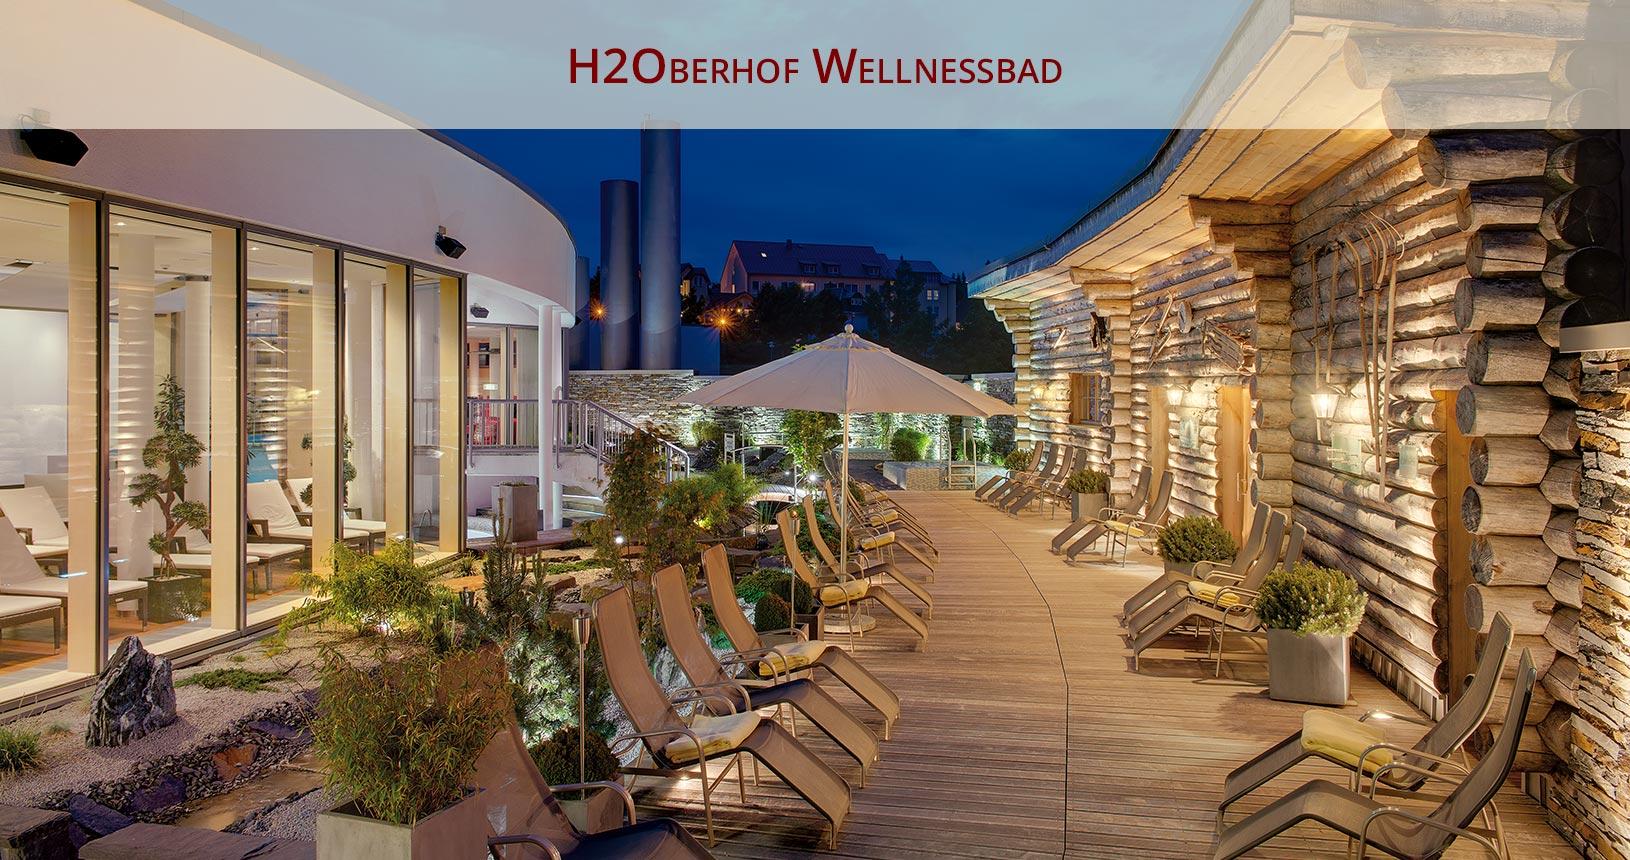 H2Oberhof Wellnessbad Oberhof für Urlaub für Paare, Blick Saunagarten